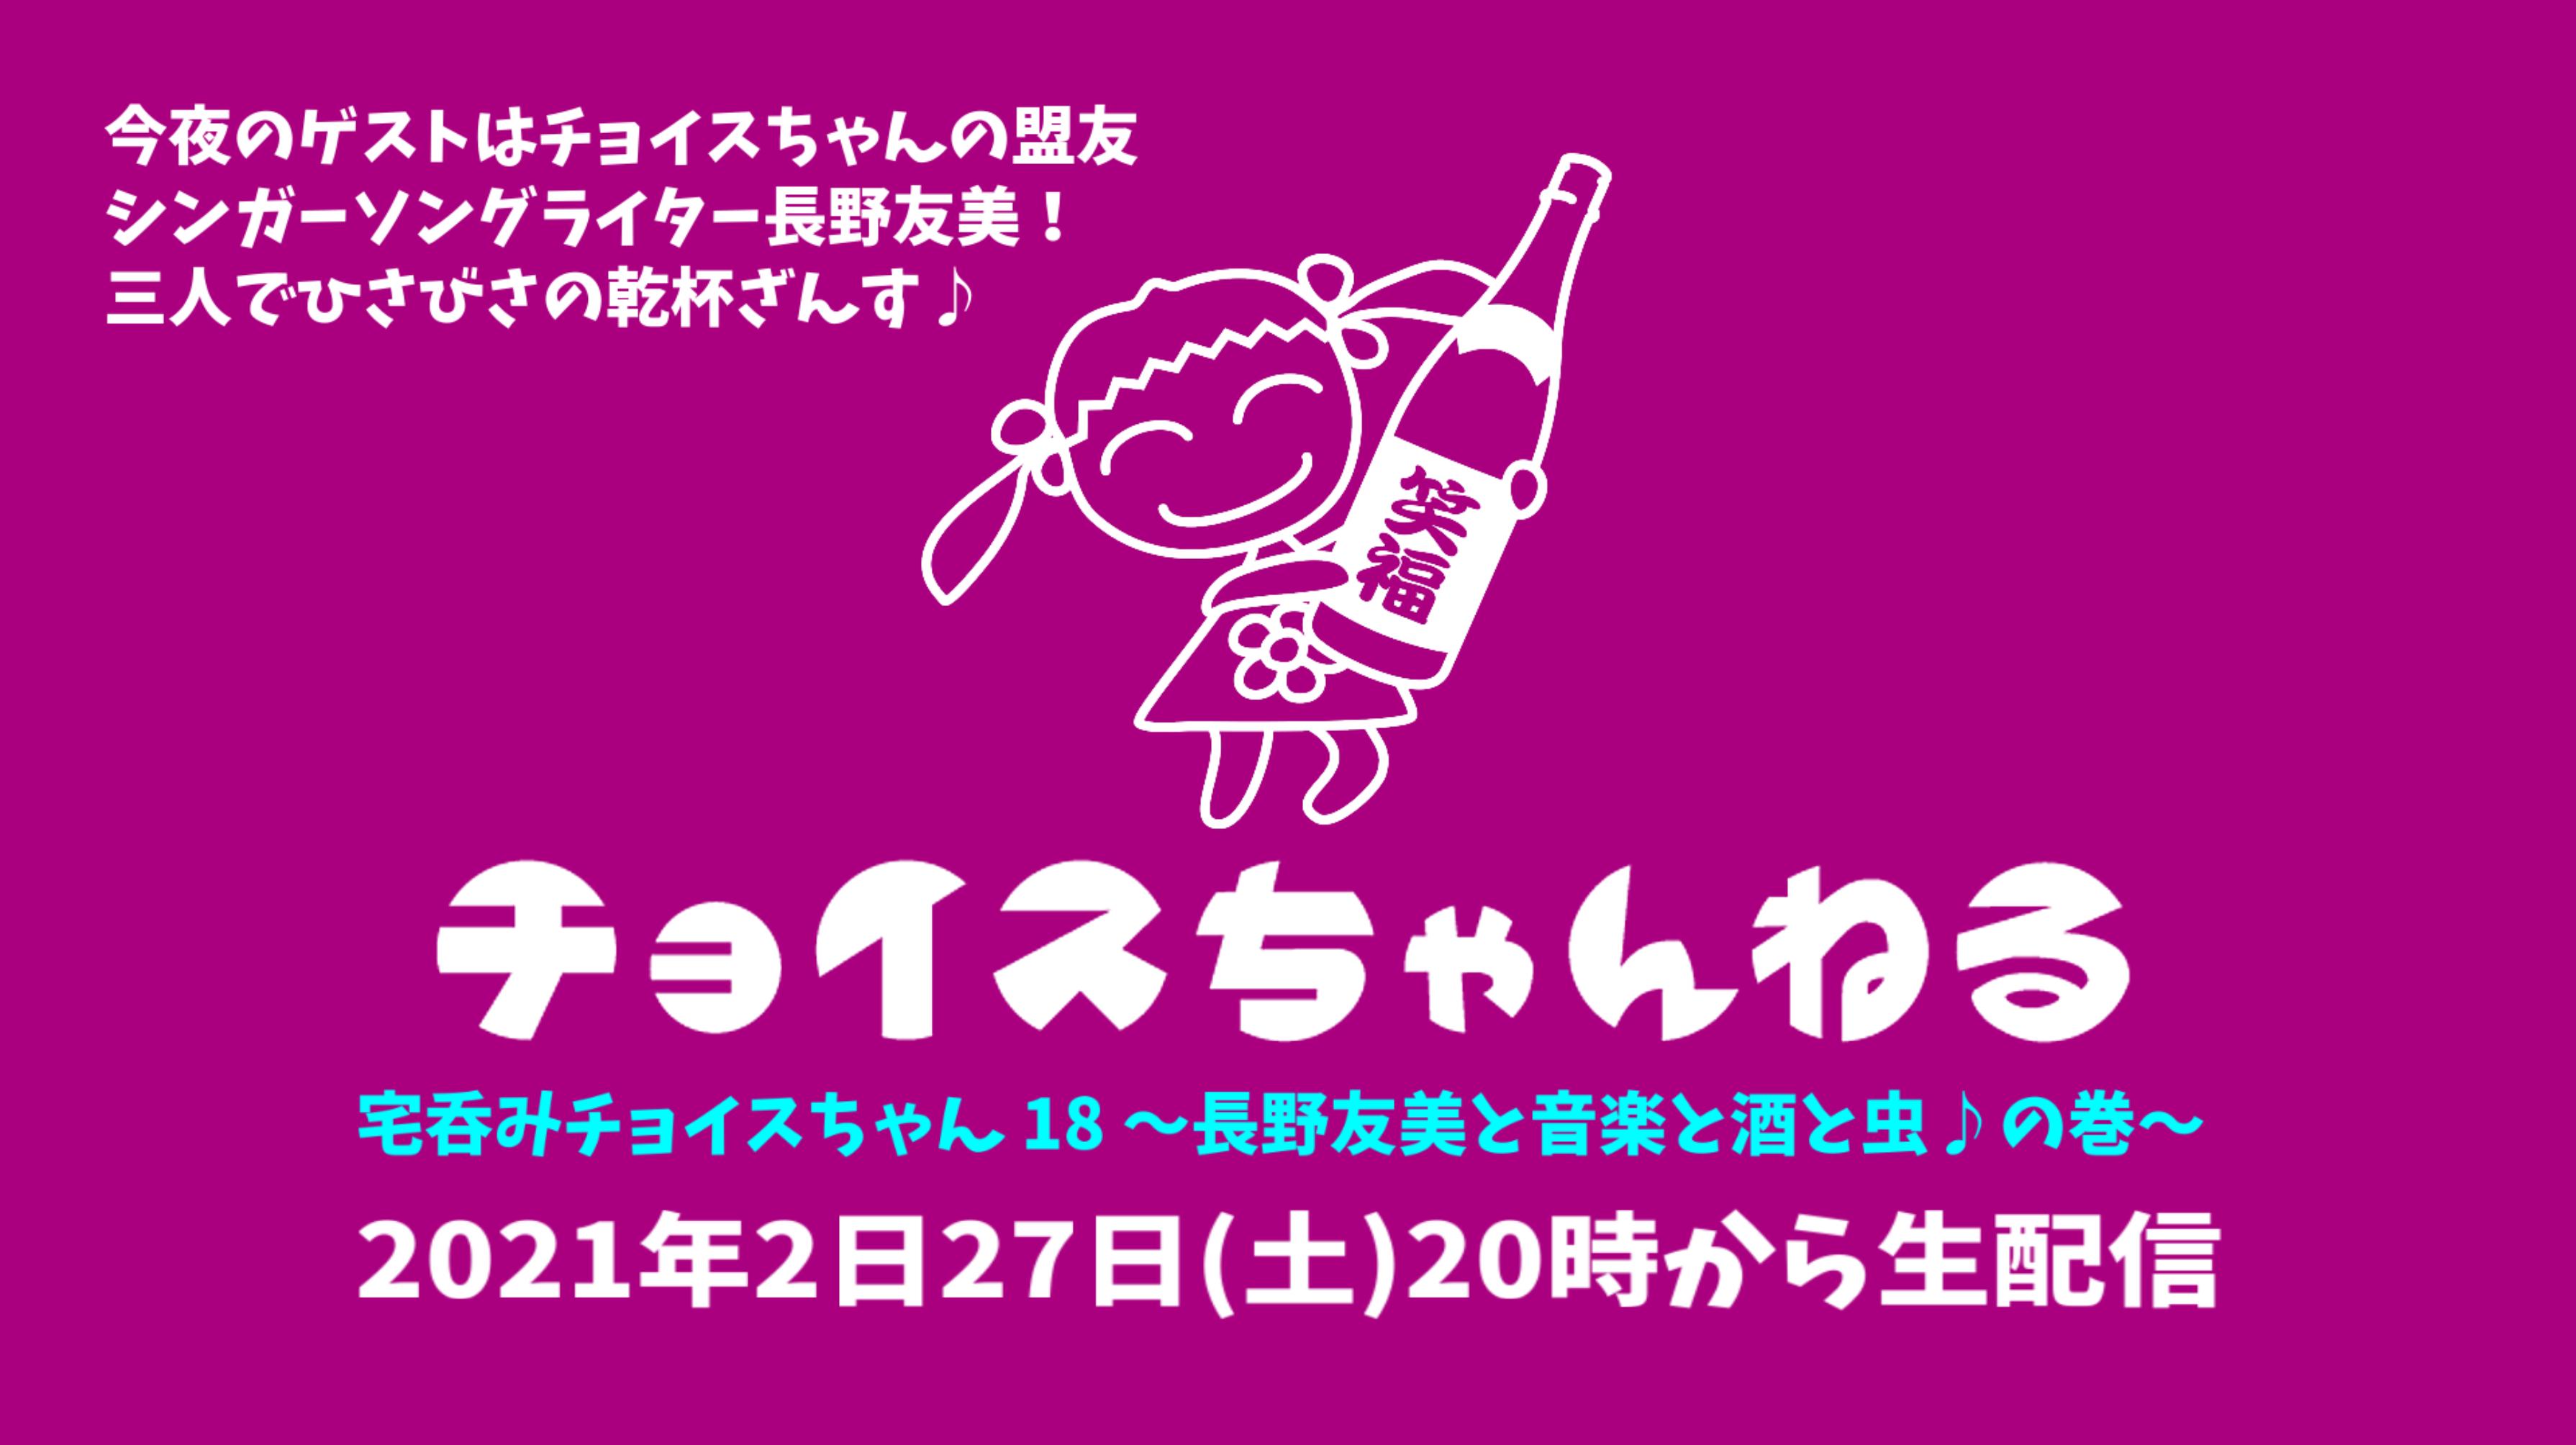 次回生配信は2月27日(土)ゲストはSSW長野友美だよ♪